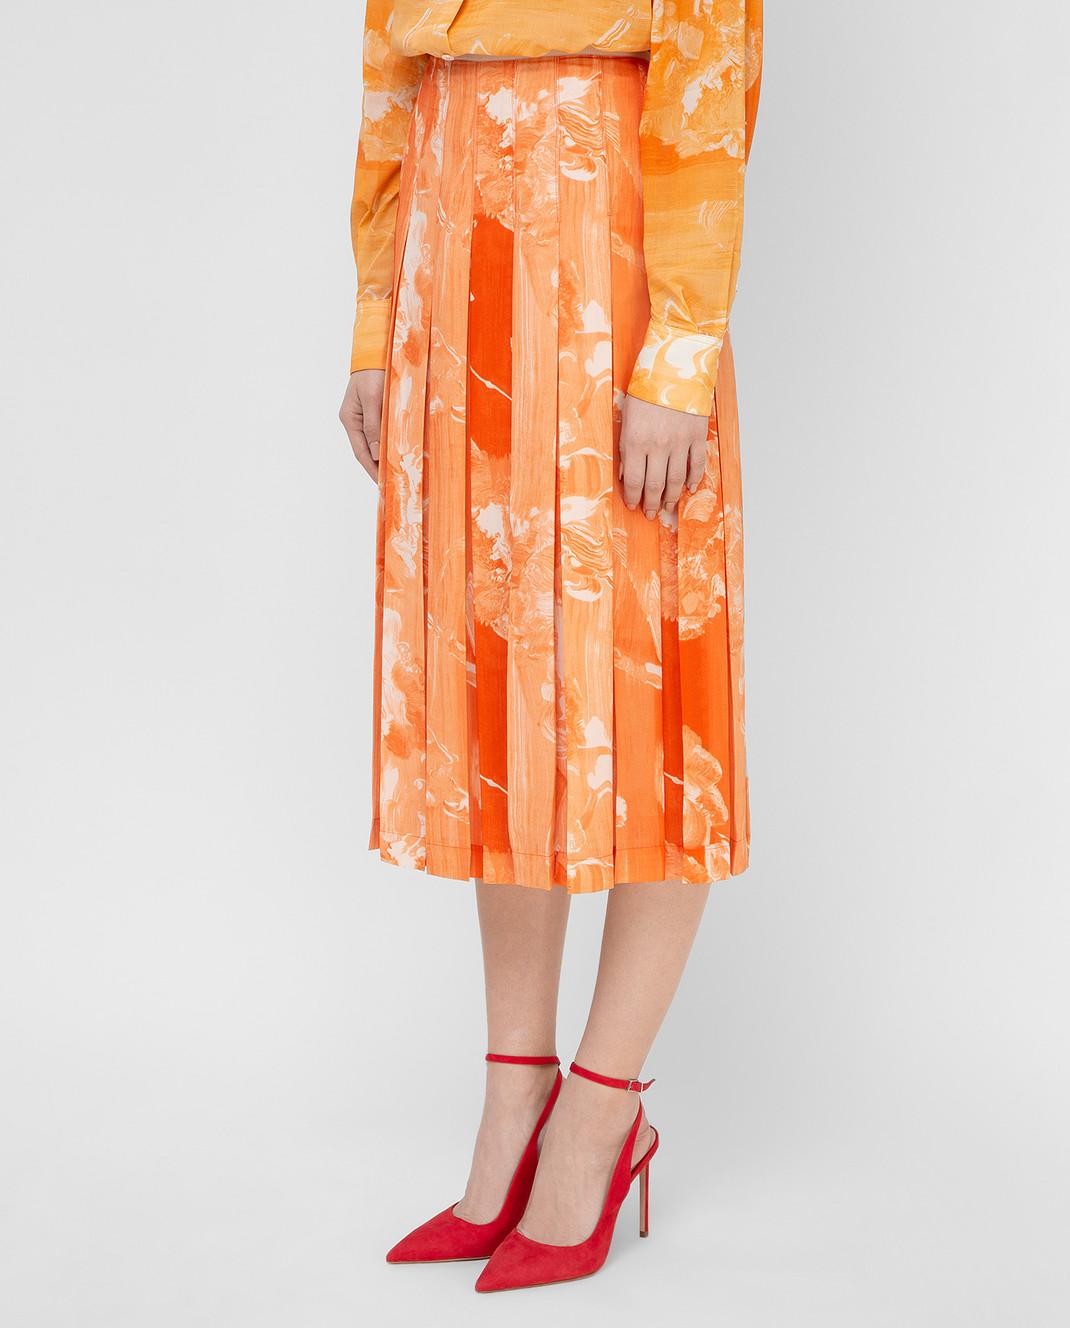 Victoria Beckham Оранжевая юбка SKMID3313 изображение 3